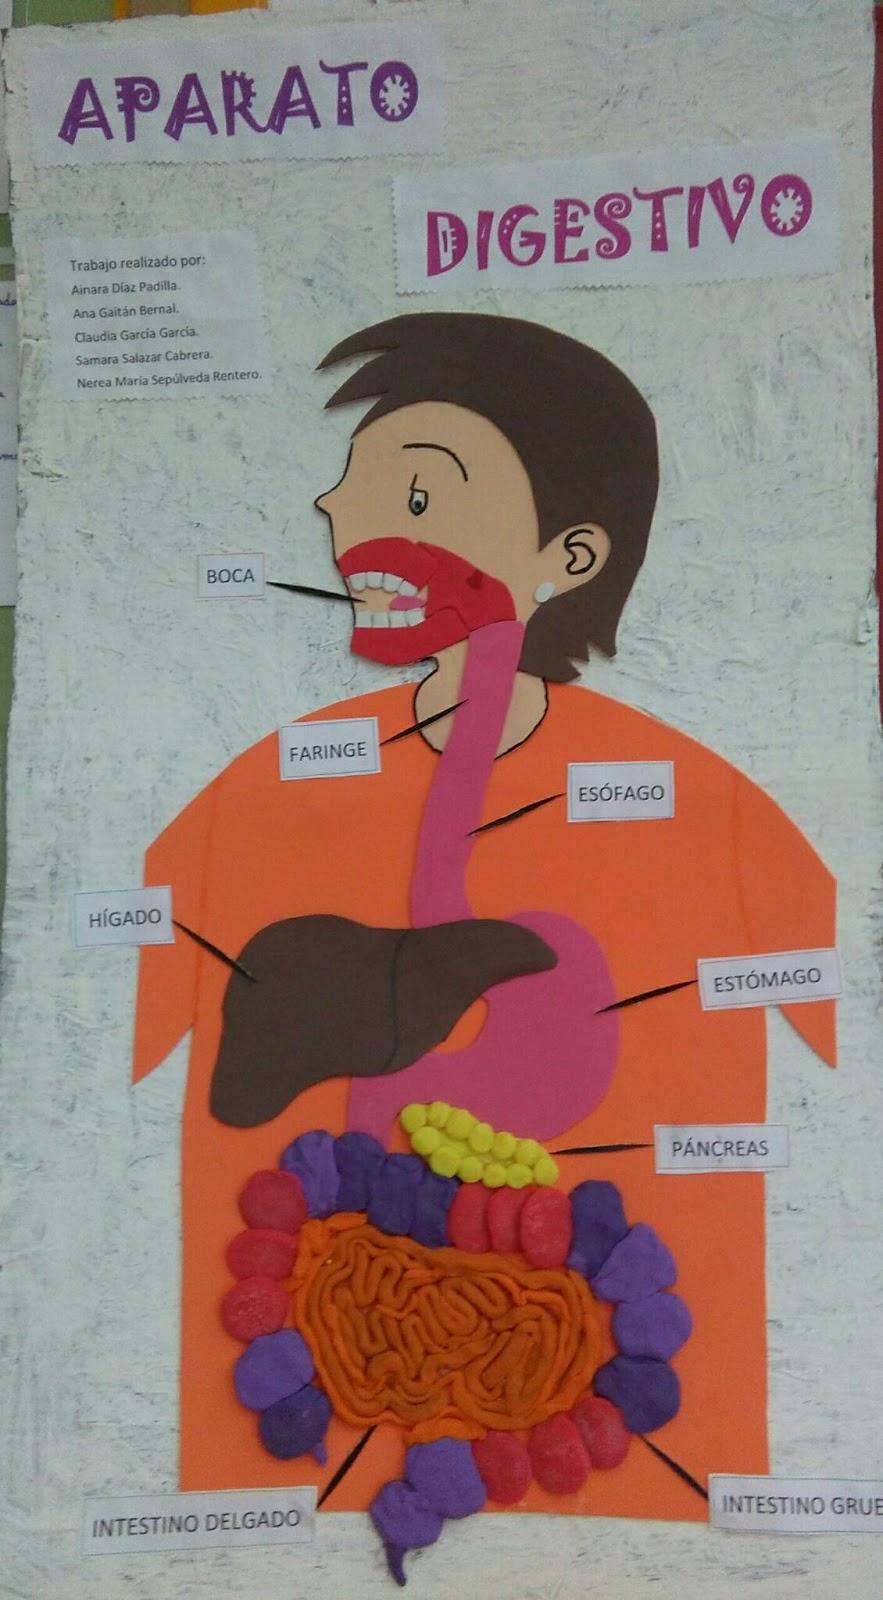 EL DIARIO DE LA CLASE: Aparato digestivo. Maqueta y preguntas